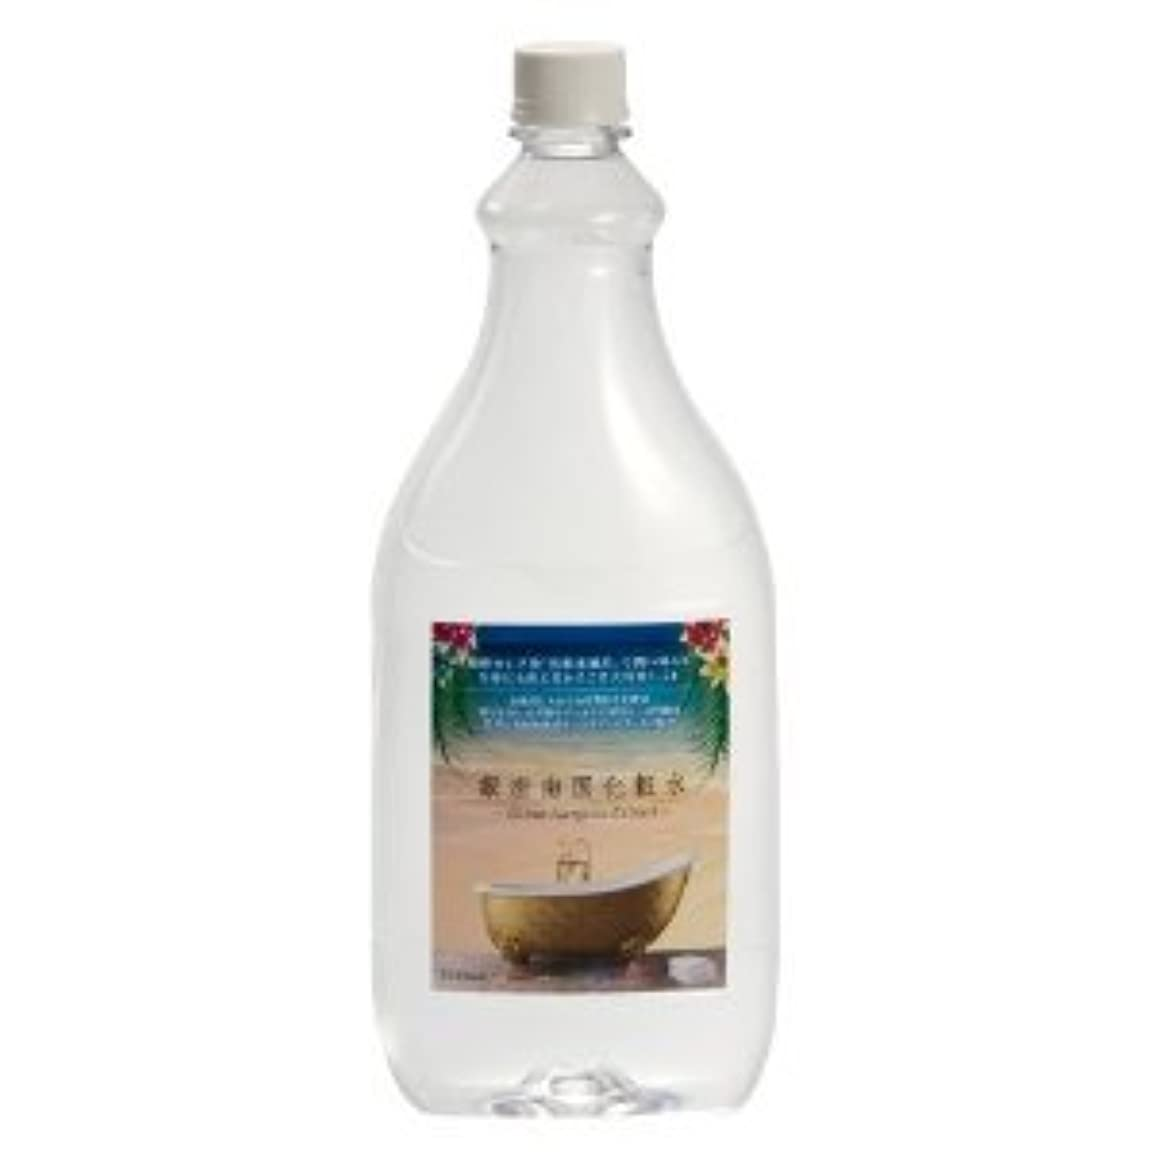 定説ダルセットメンタル銀座南国化粧水 (1000ml) スプレーボトル付きセット